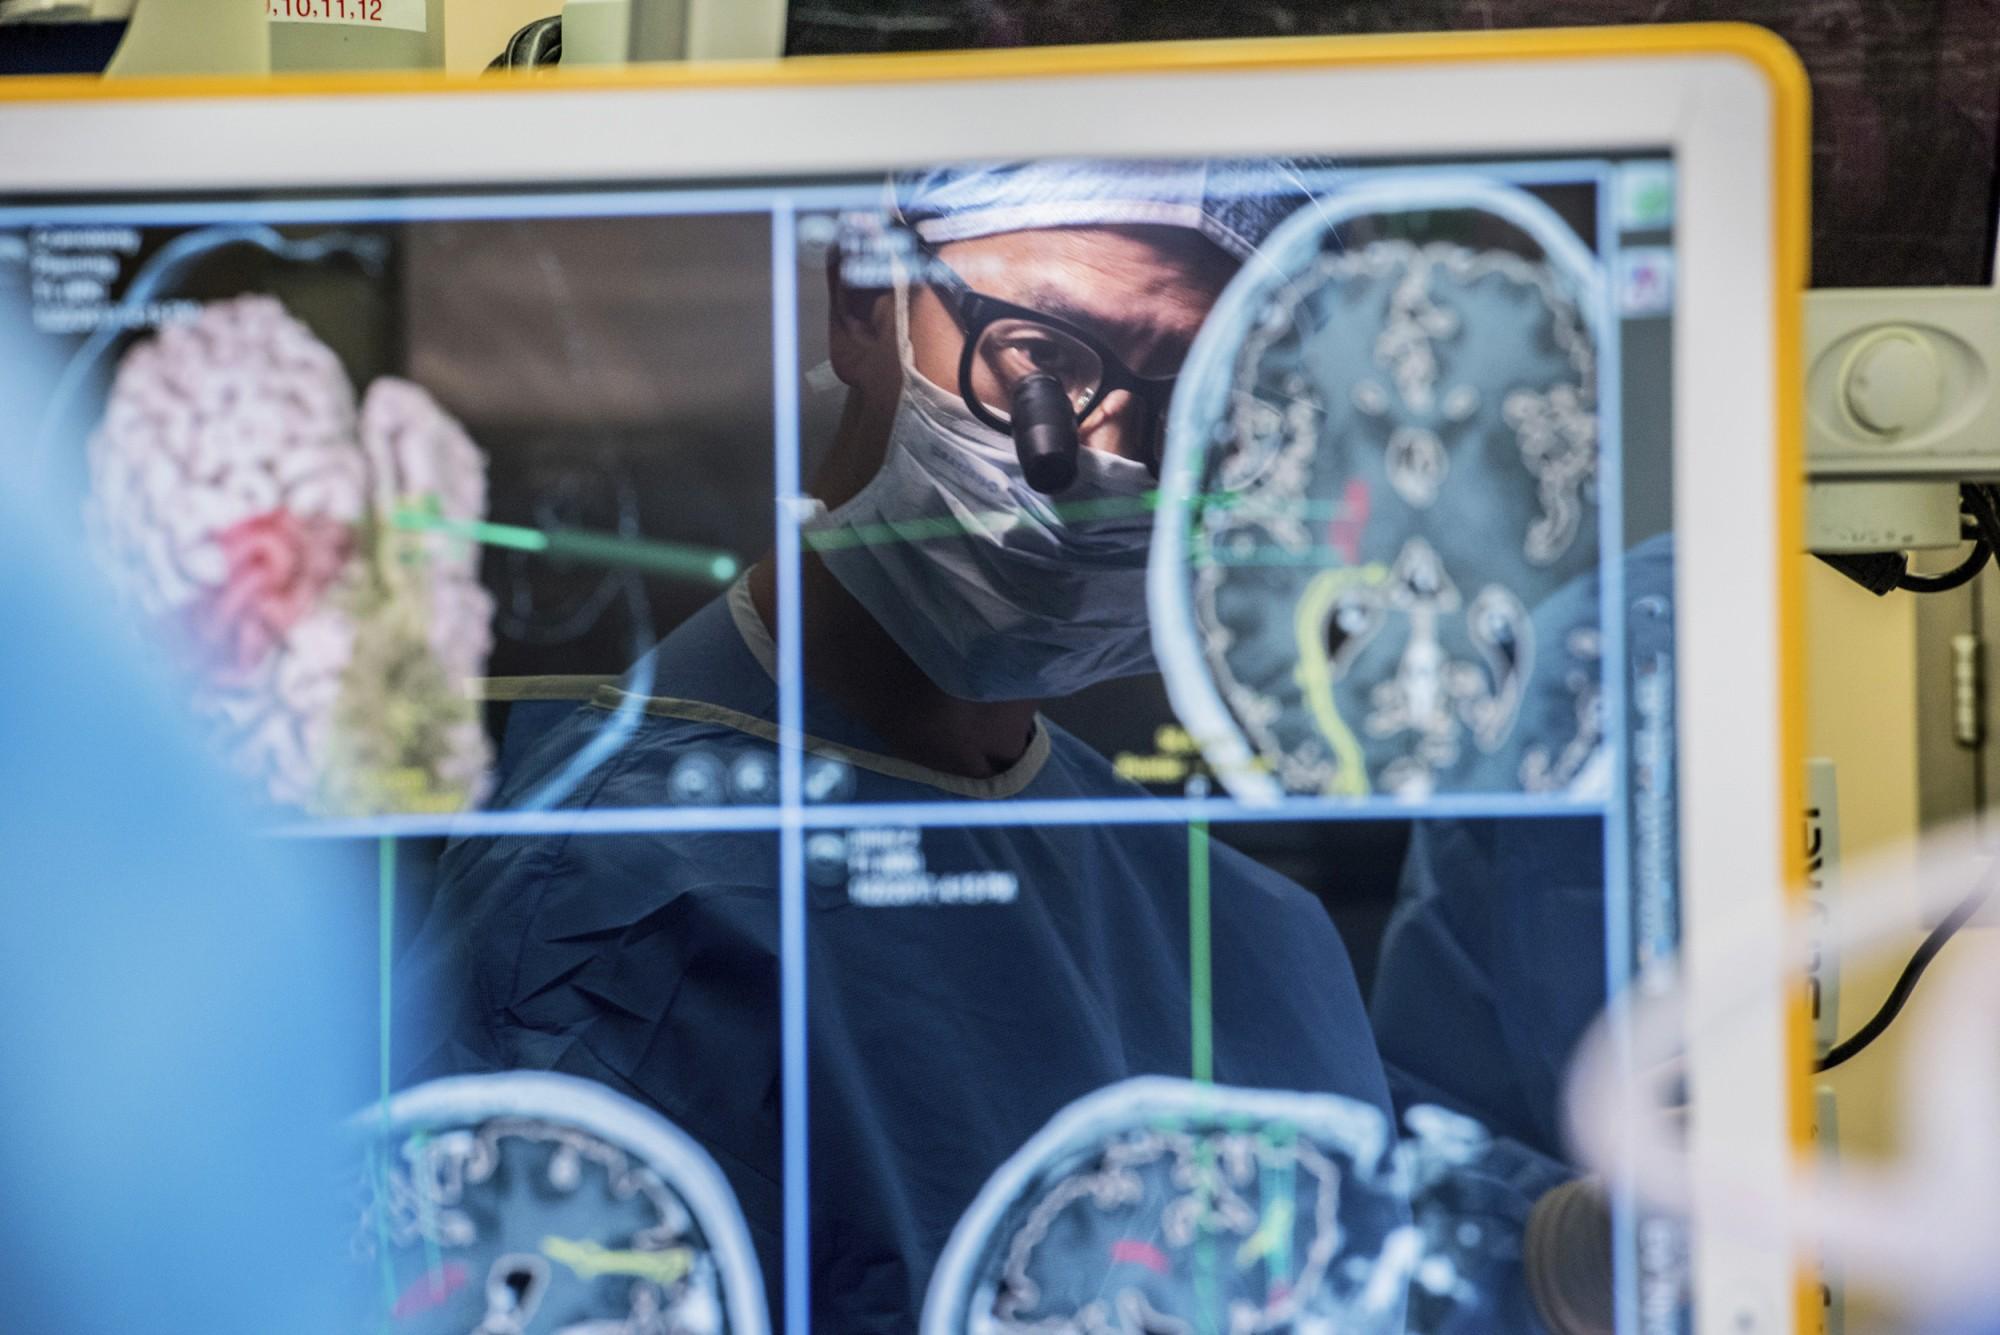 El Dr. Edward Chang, responsable d'aquest avenç, durant una cirurgia cerebral | University of California - San Francisco